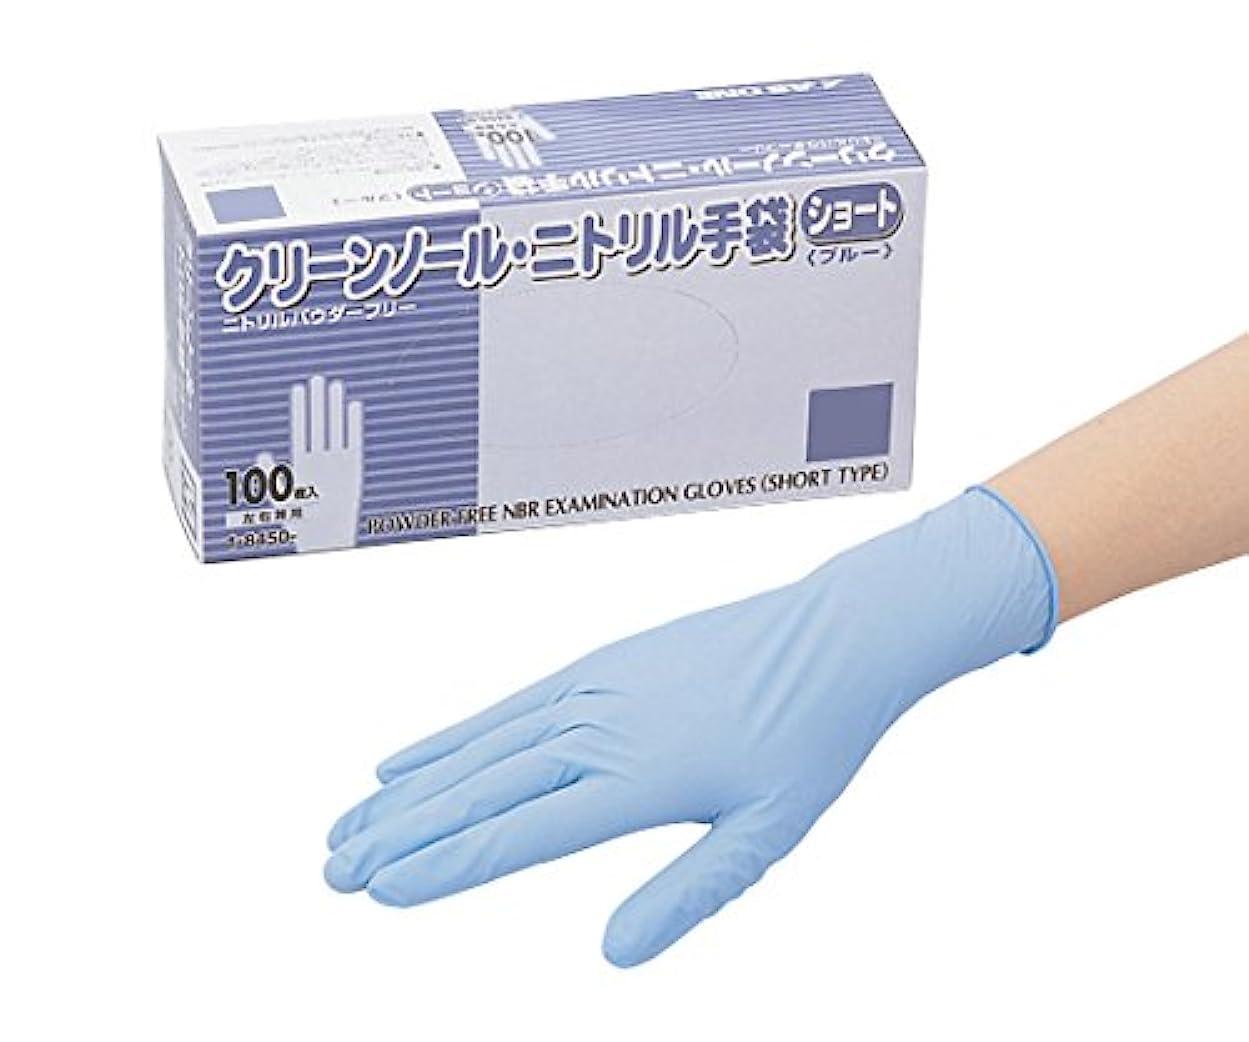 アズワン1-8450-23クリーンノールニトリル手袋ショート(パウダーフリ-)ブルーS100枚入